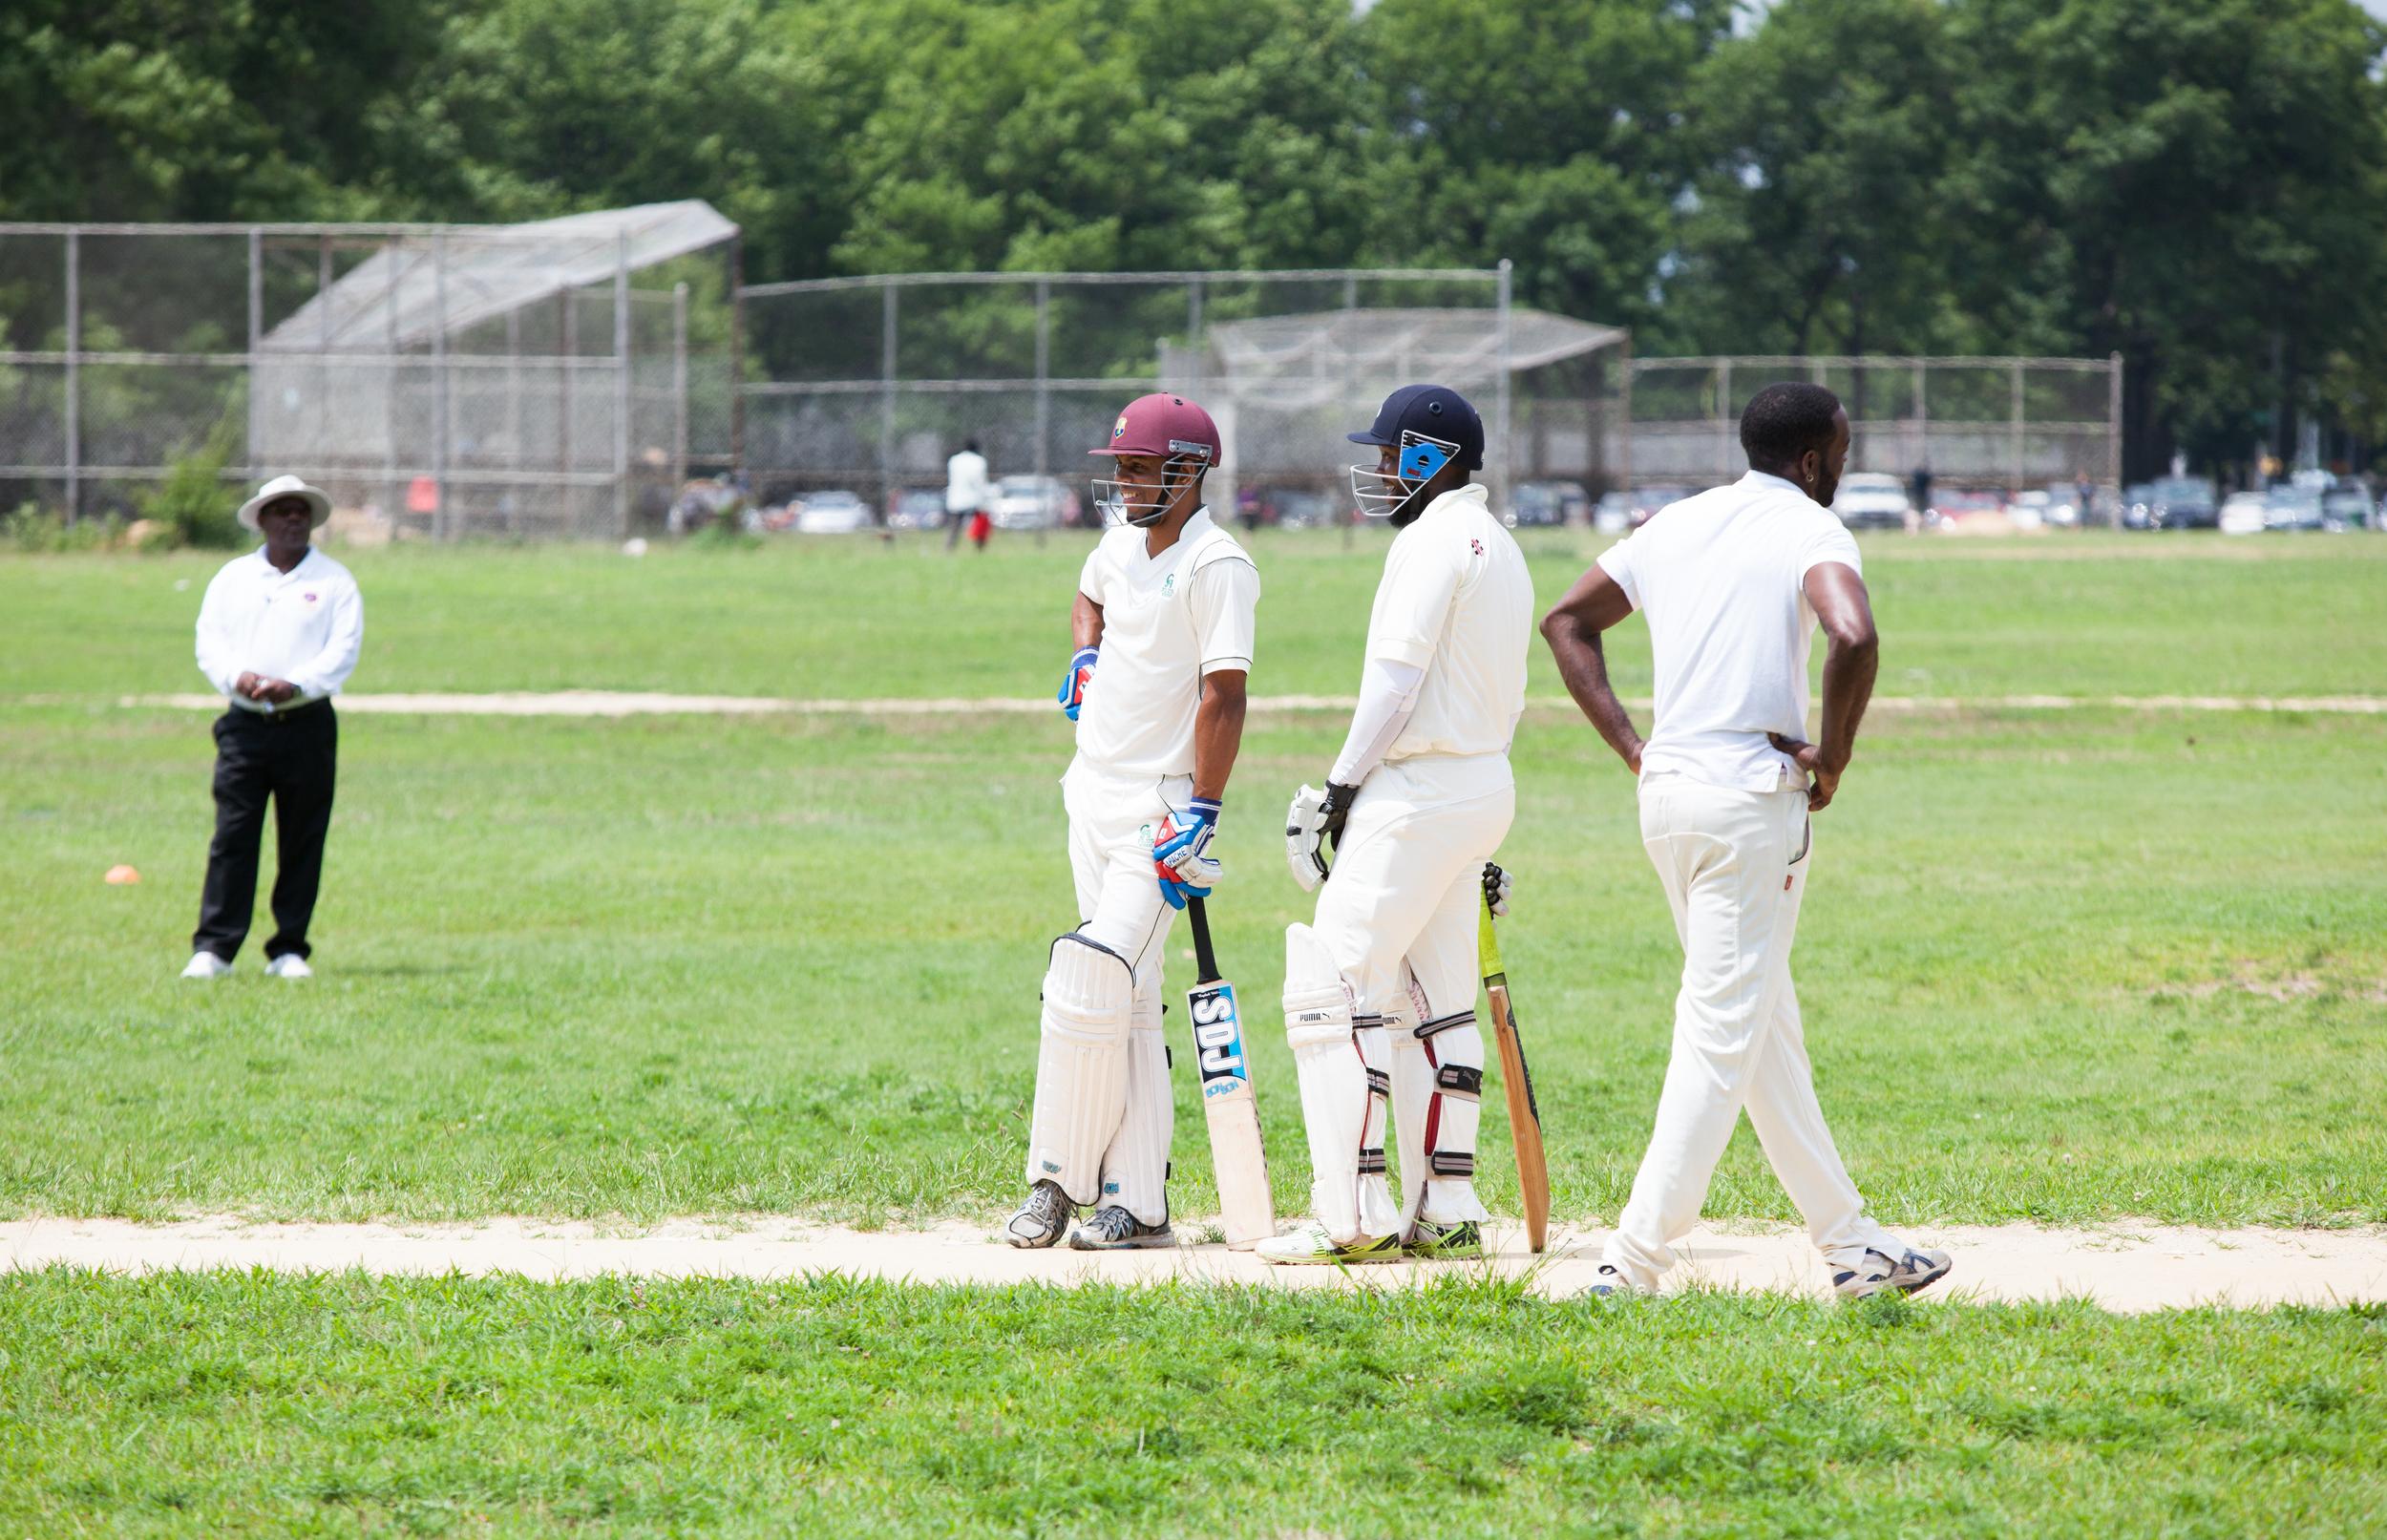 BKLYNR-Cricket-JasonBergman-013.jpg